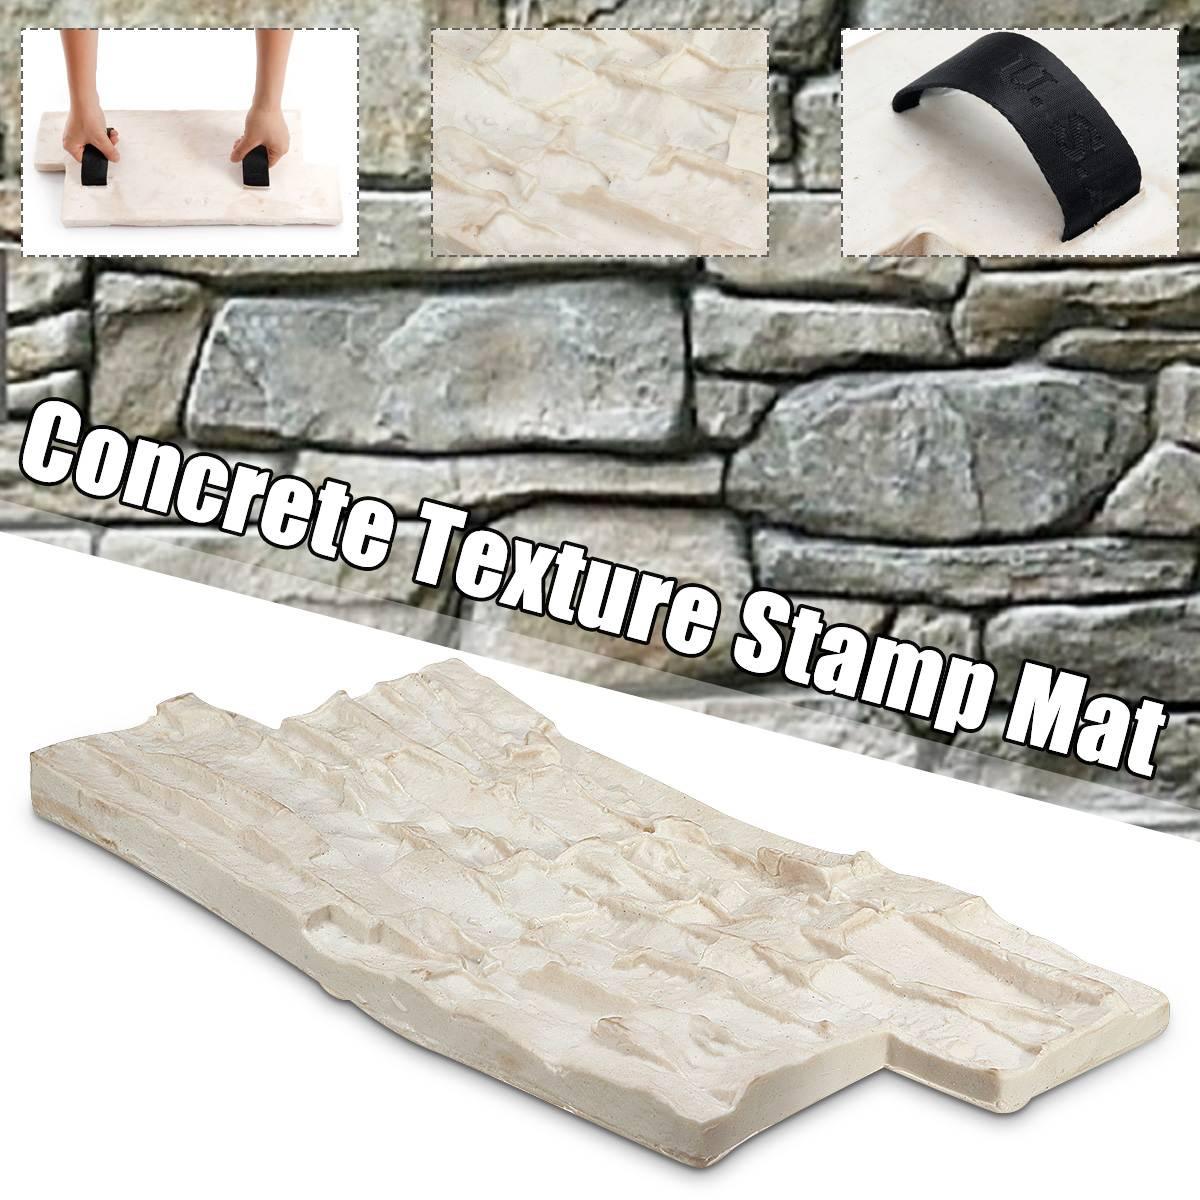 Полиуретановые формы для бетонного цемента штукатурки штампы модели формы резиновые формы Садовый дом Декор Текстура стены и полы формы|Формы для уличной плитки|   | АлиЭкспресс